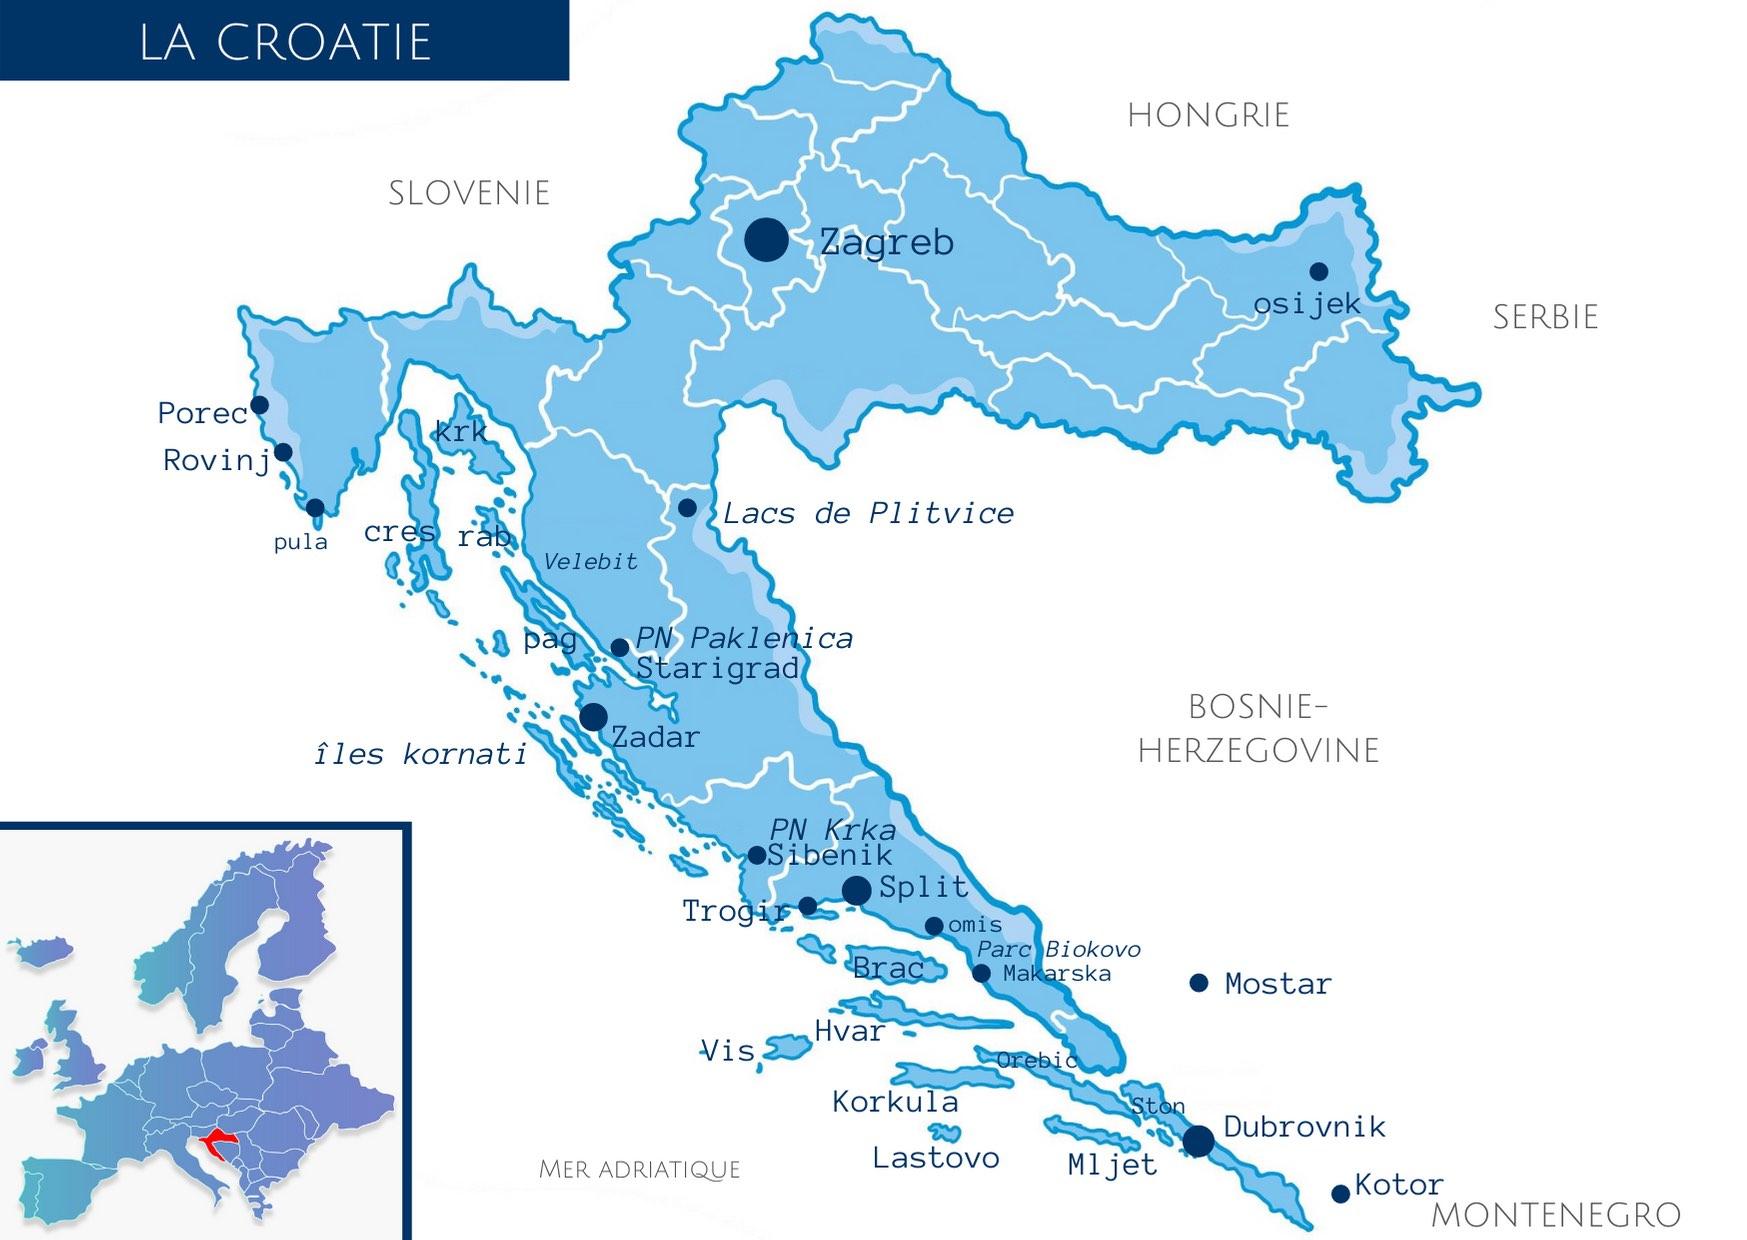 croatie, voyage en croatie